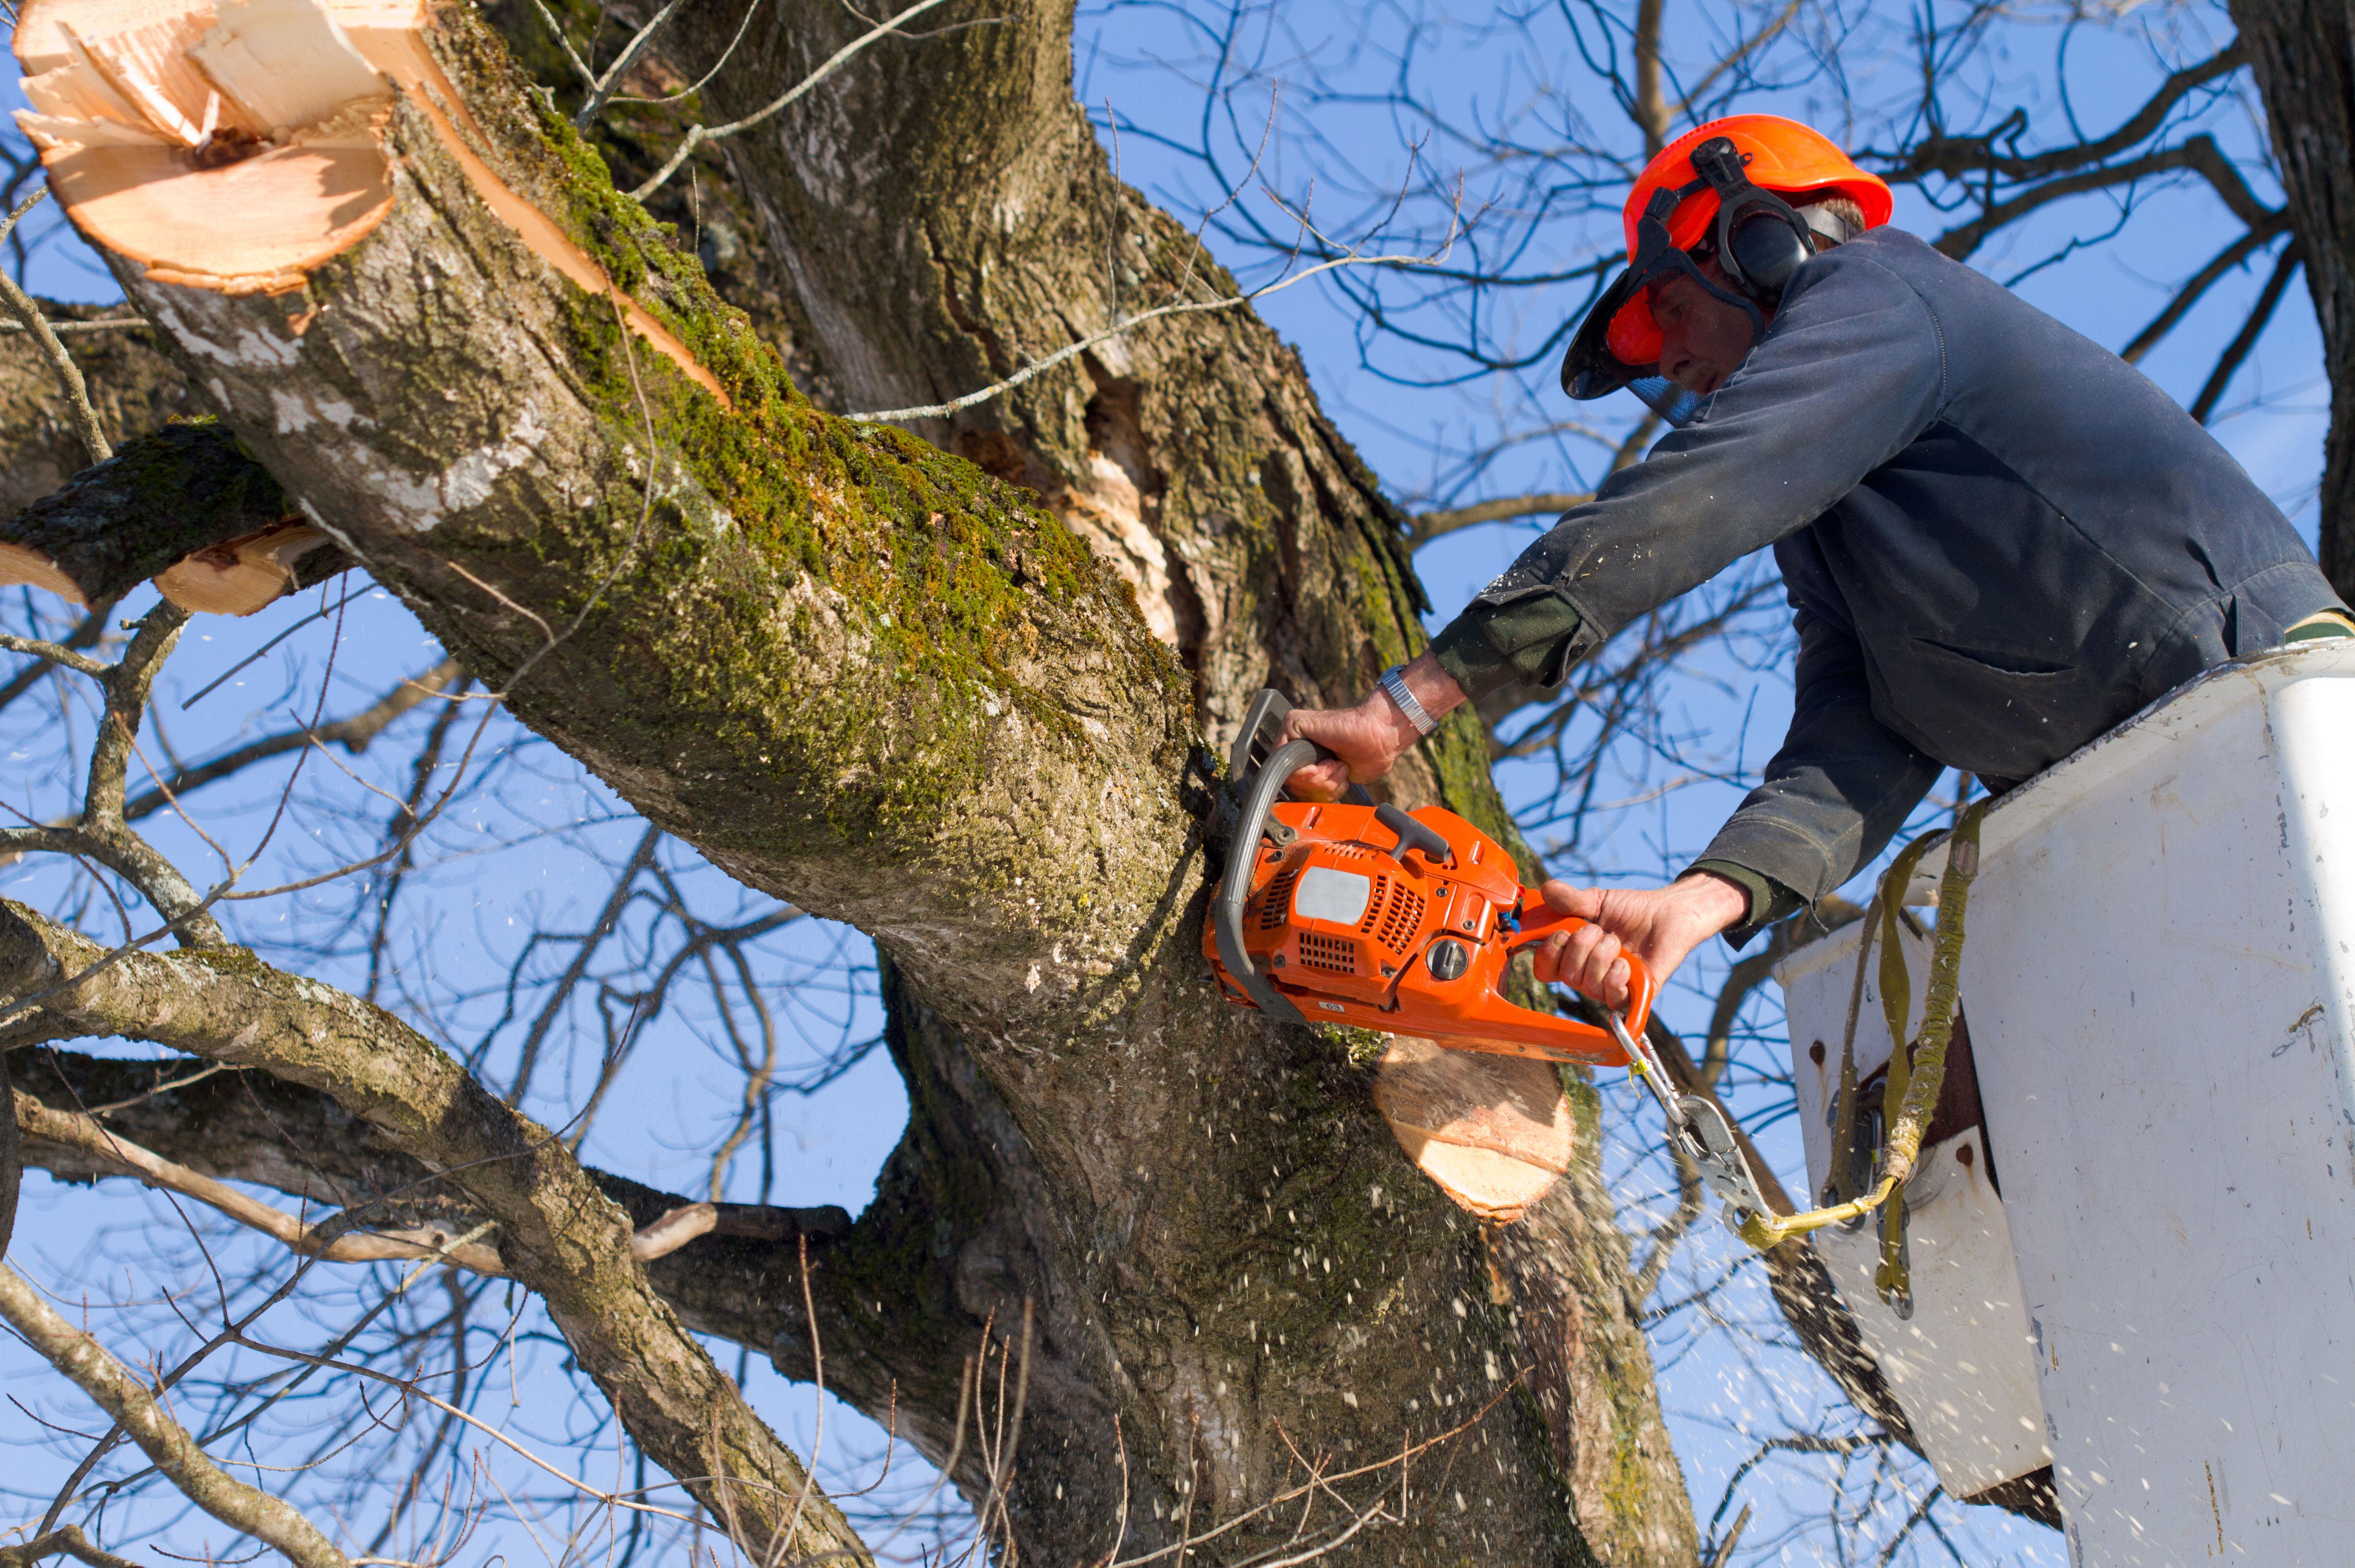 Trabajos forestales : Servicios  de Jardinería Algarrada